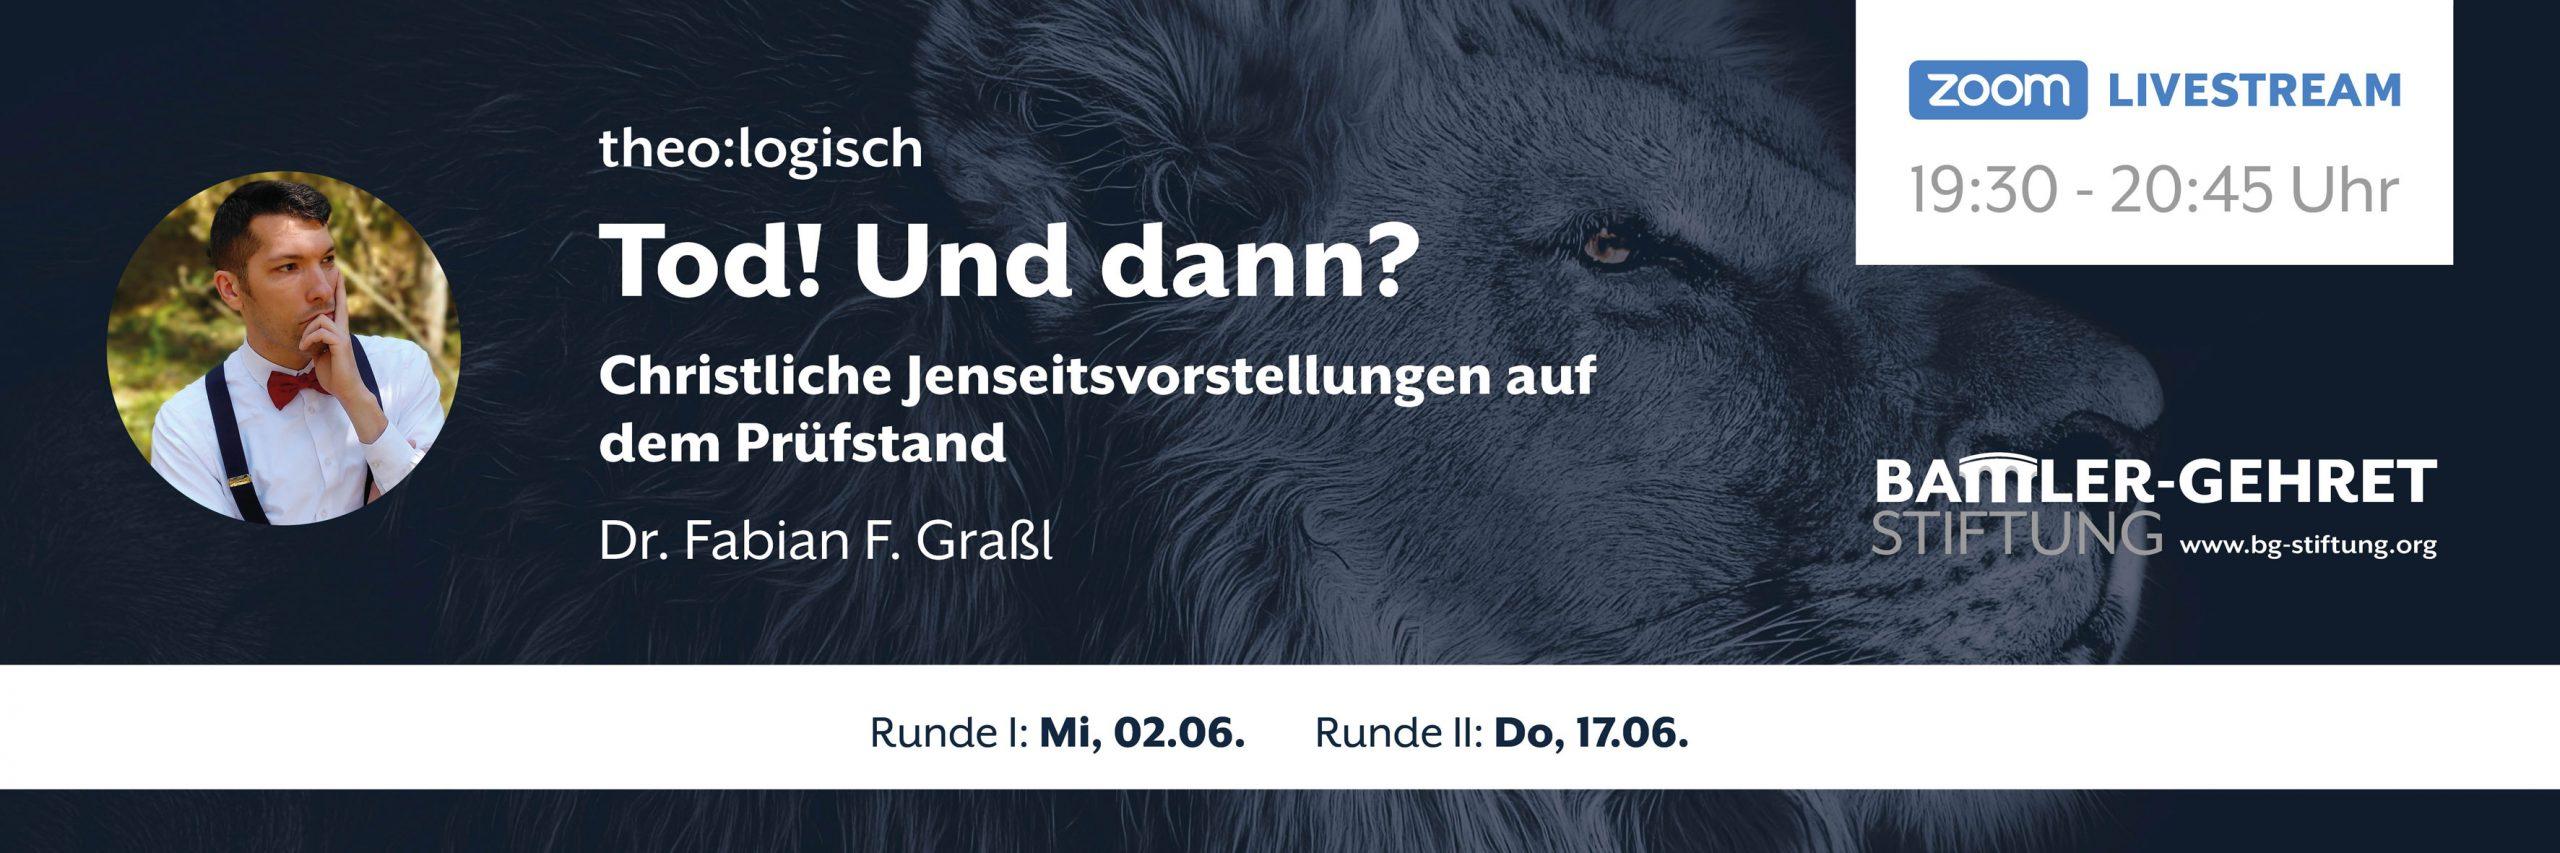 gesamt-poster_tod-und-dann_1200x400_theologisch_web_01